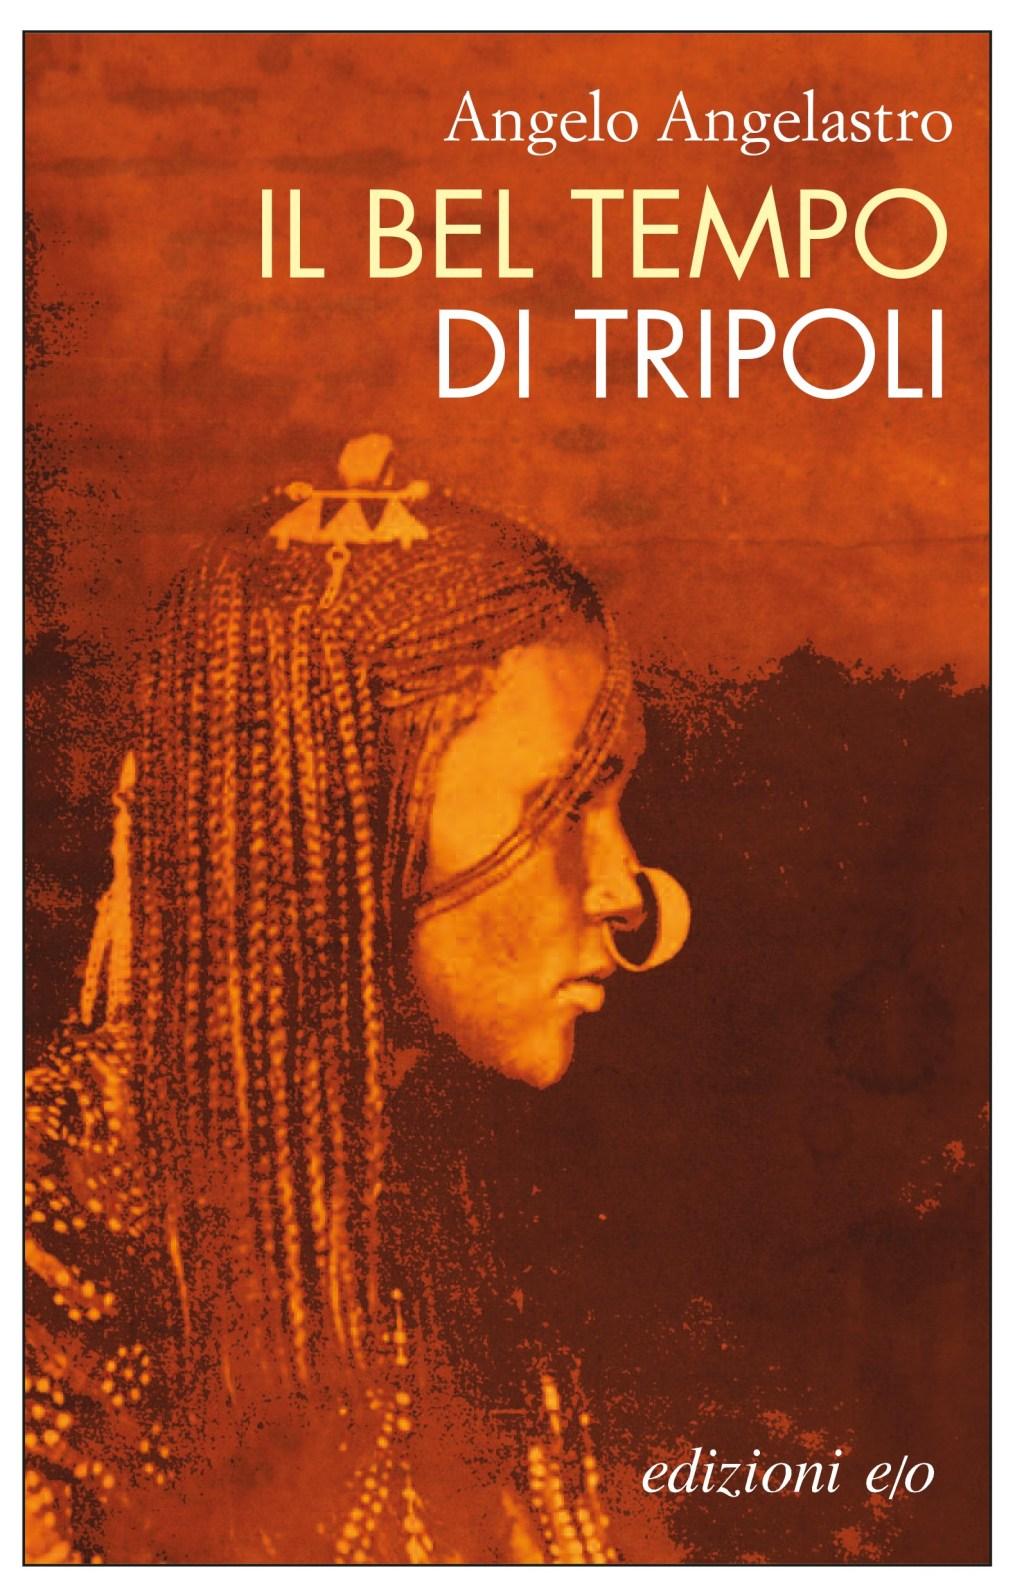 Angelo Angelastro, Tripoli, e/o